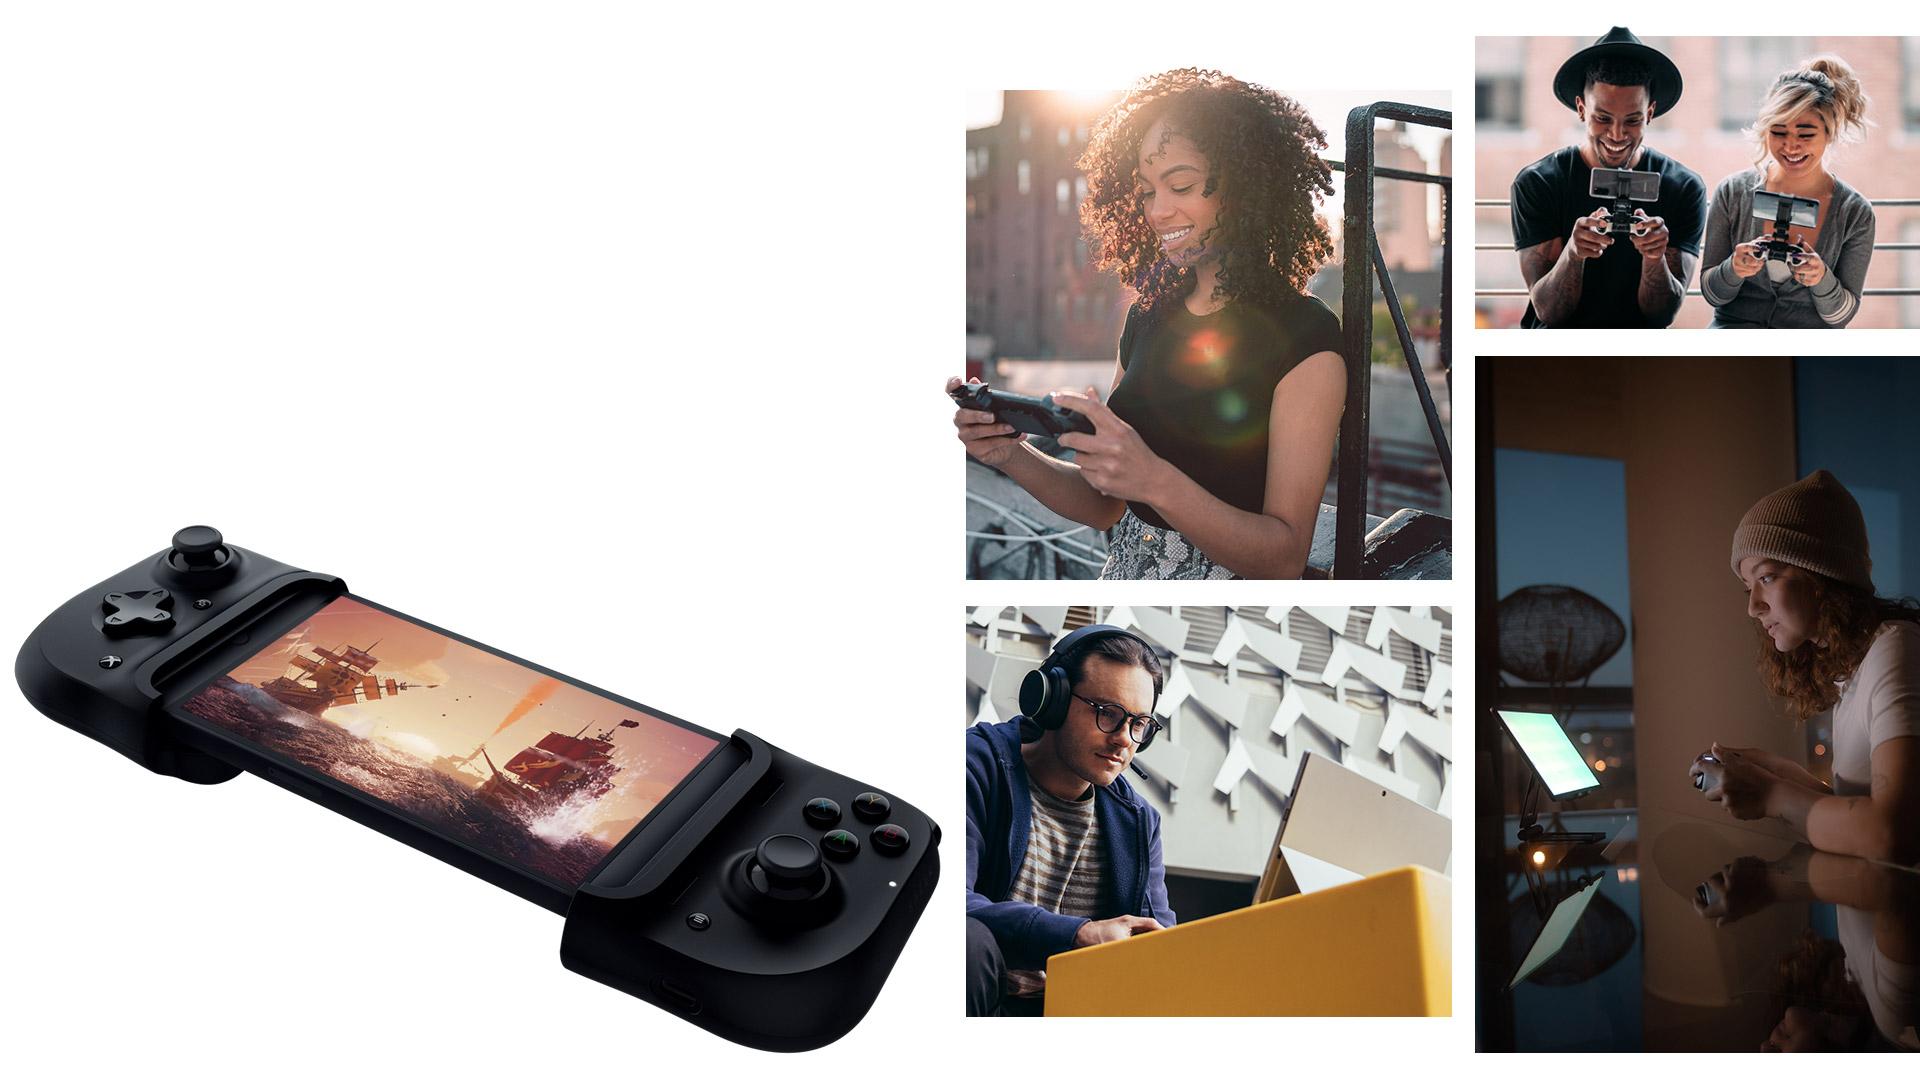 Menschen spielen auf Geräten wie einem Surface Laptop, einem Tablet und verschiedenen Handys.